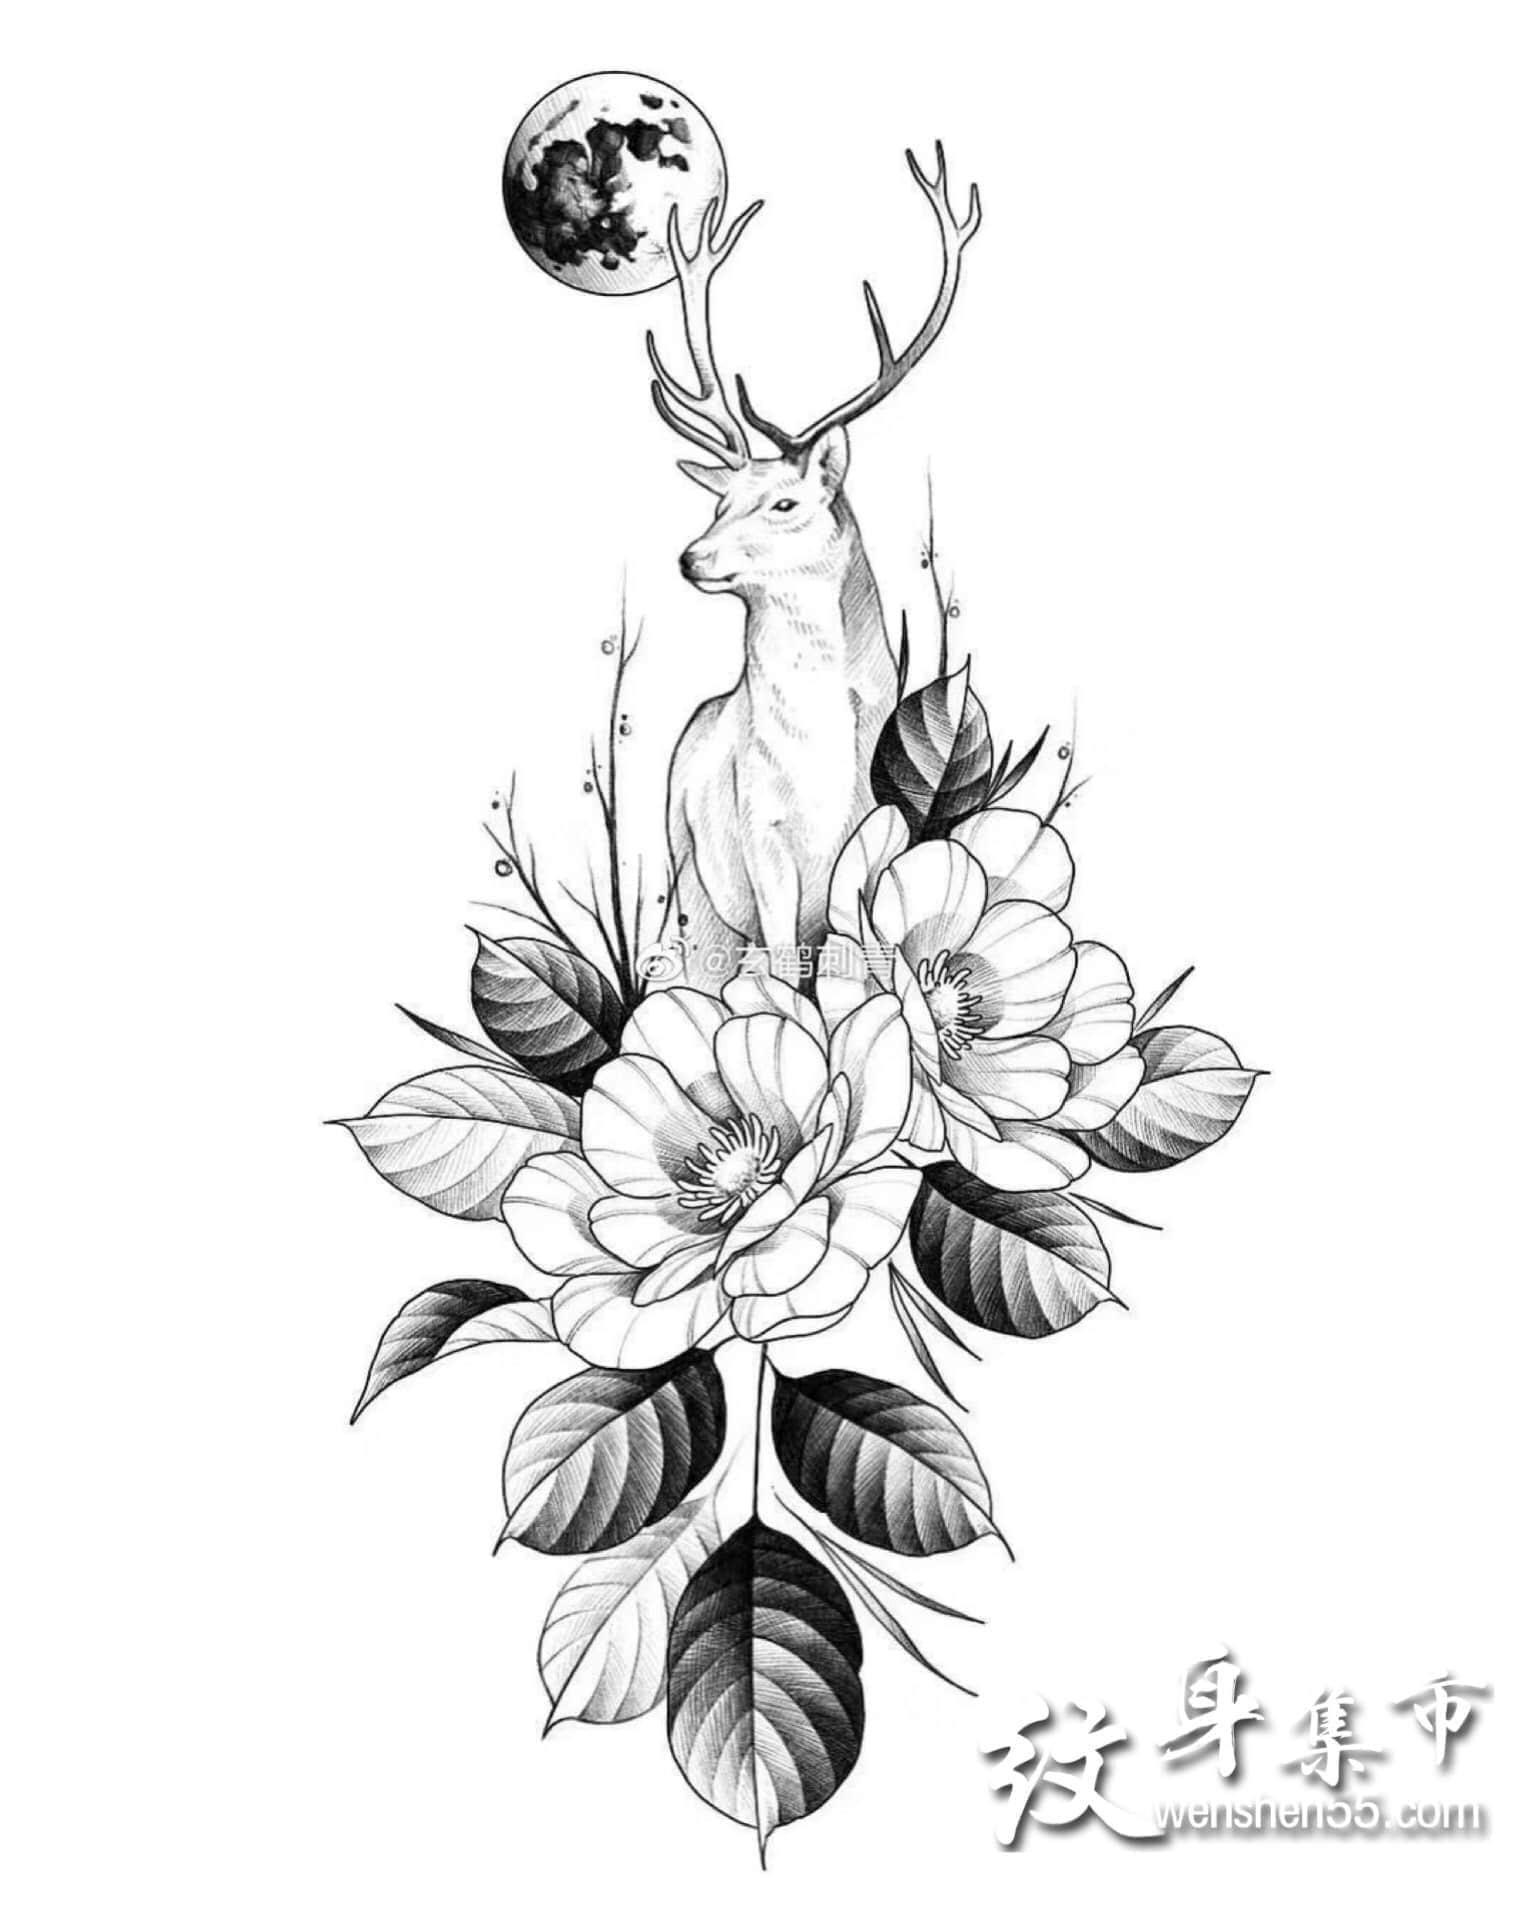 小清新纹身手稿,素花与蛇、鹿、虎纹身手稿